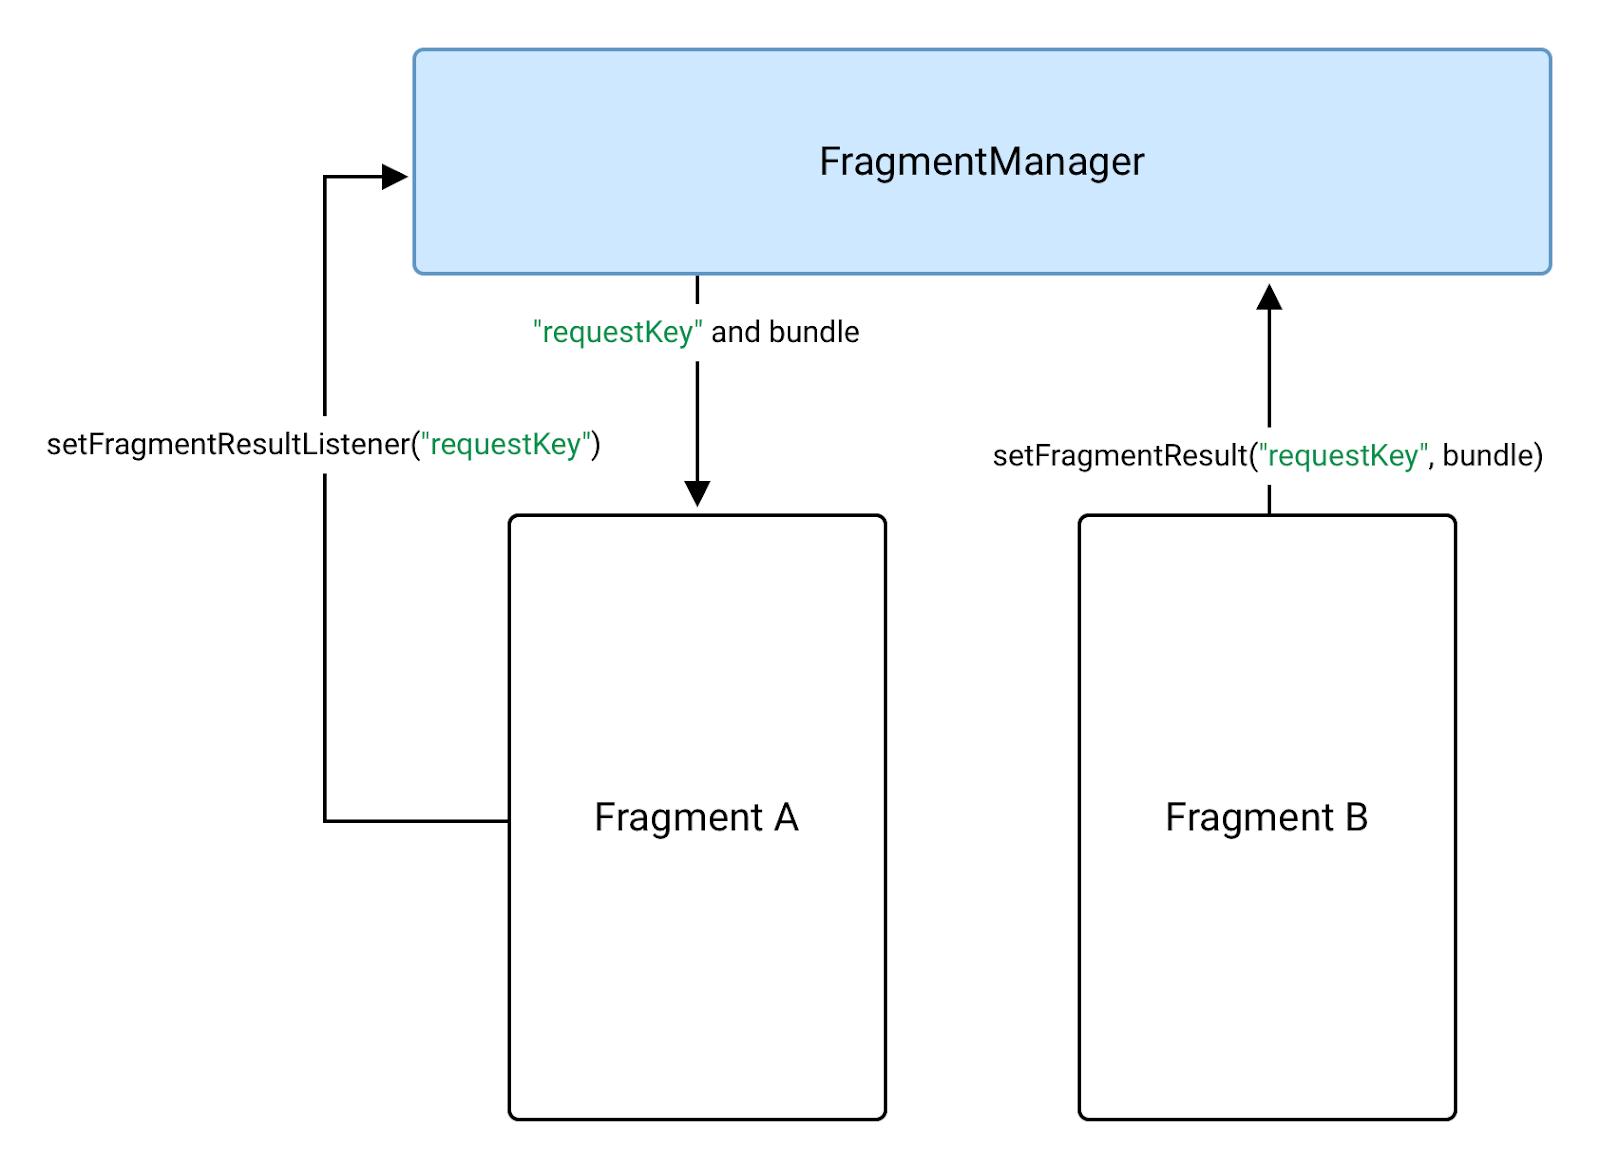 FragmentManager を使用してフラグメント B がフラグメント A にデータを送信する